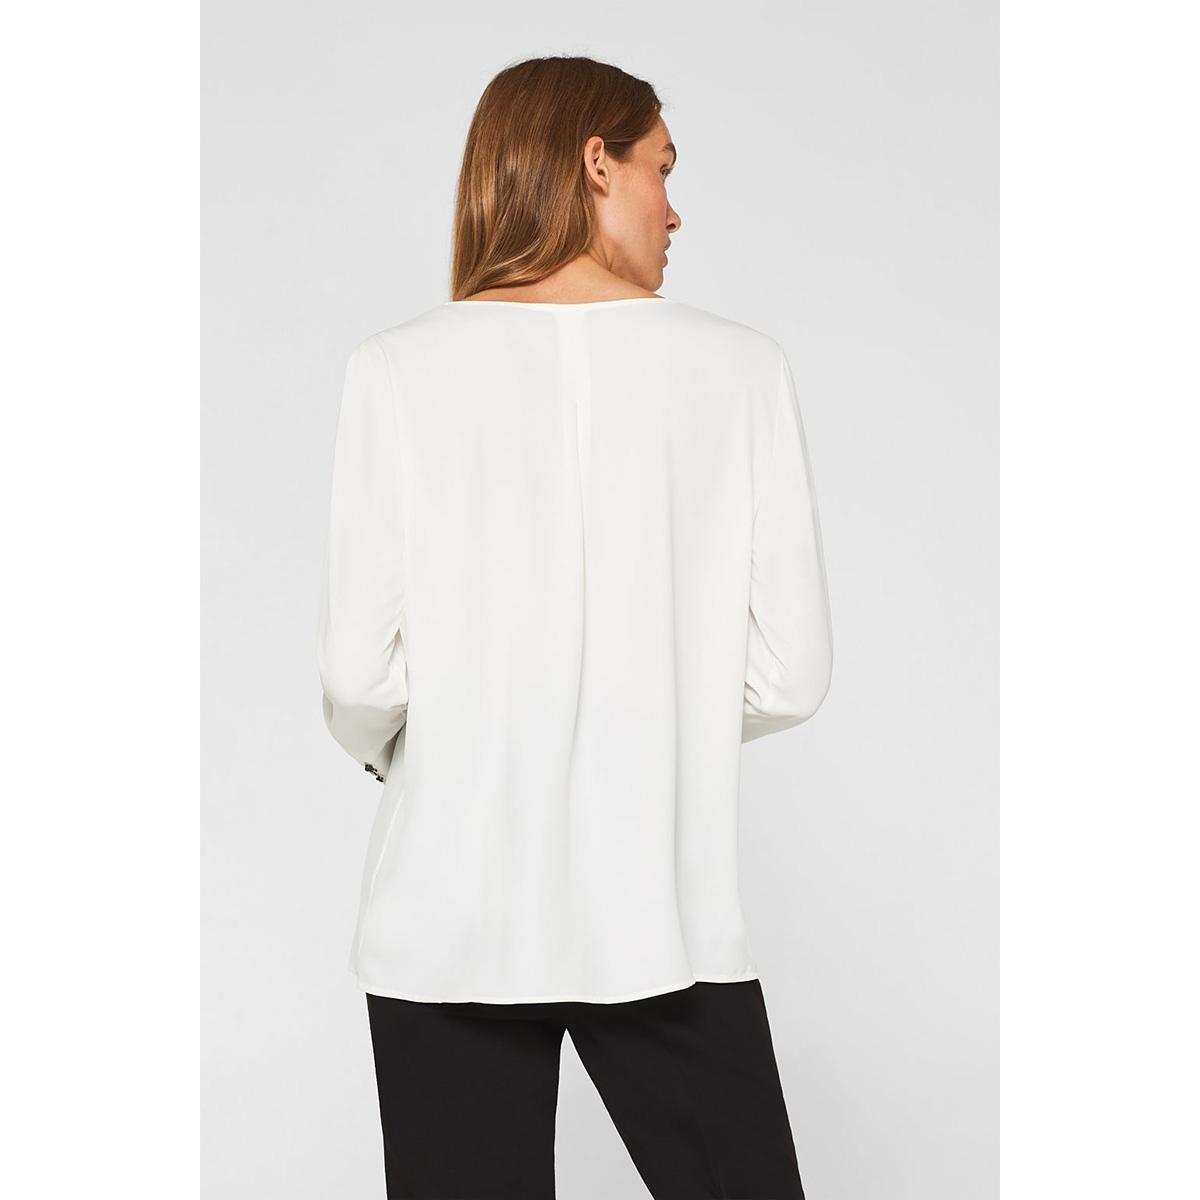 crepe blouse met elegante detail 109eo1f004 esprit collection blouse e110